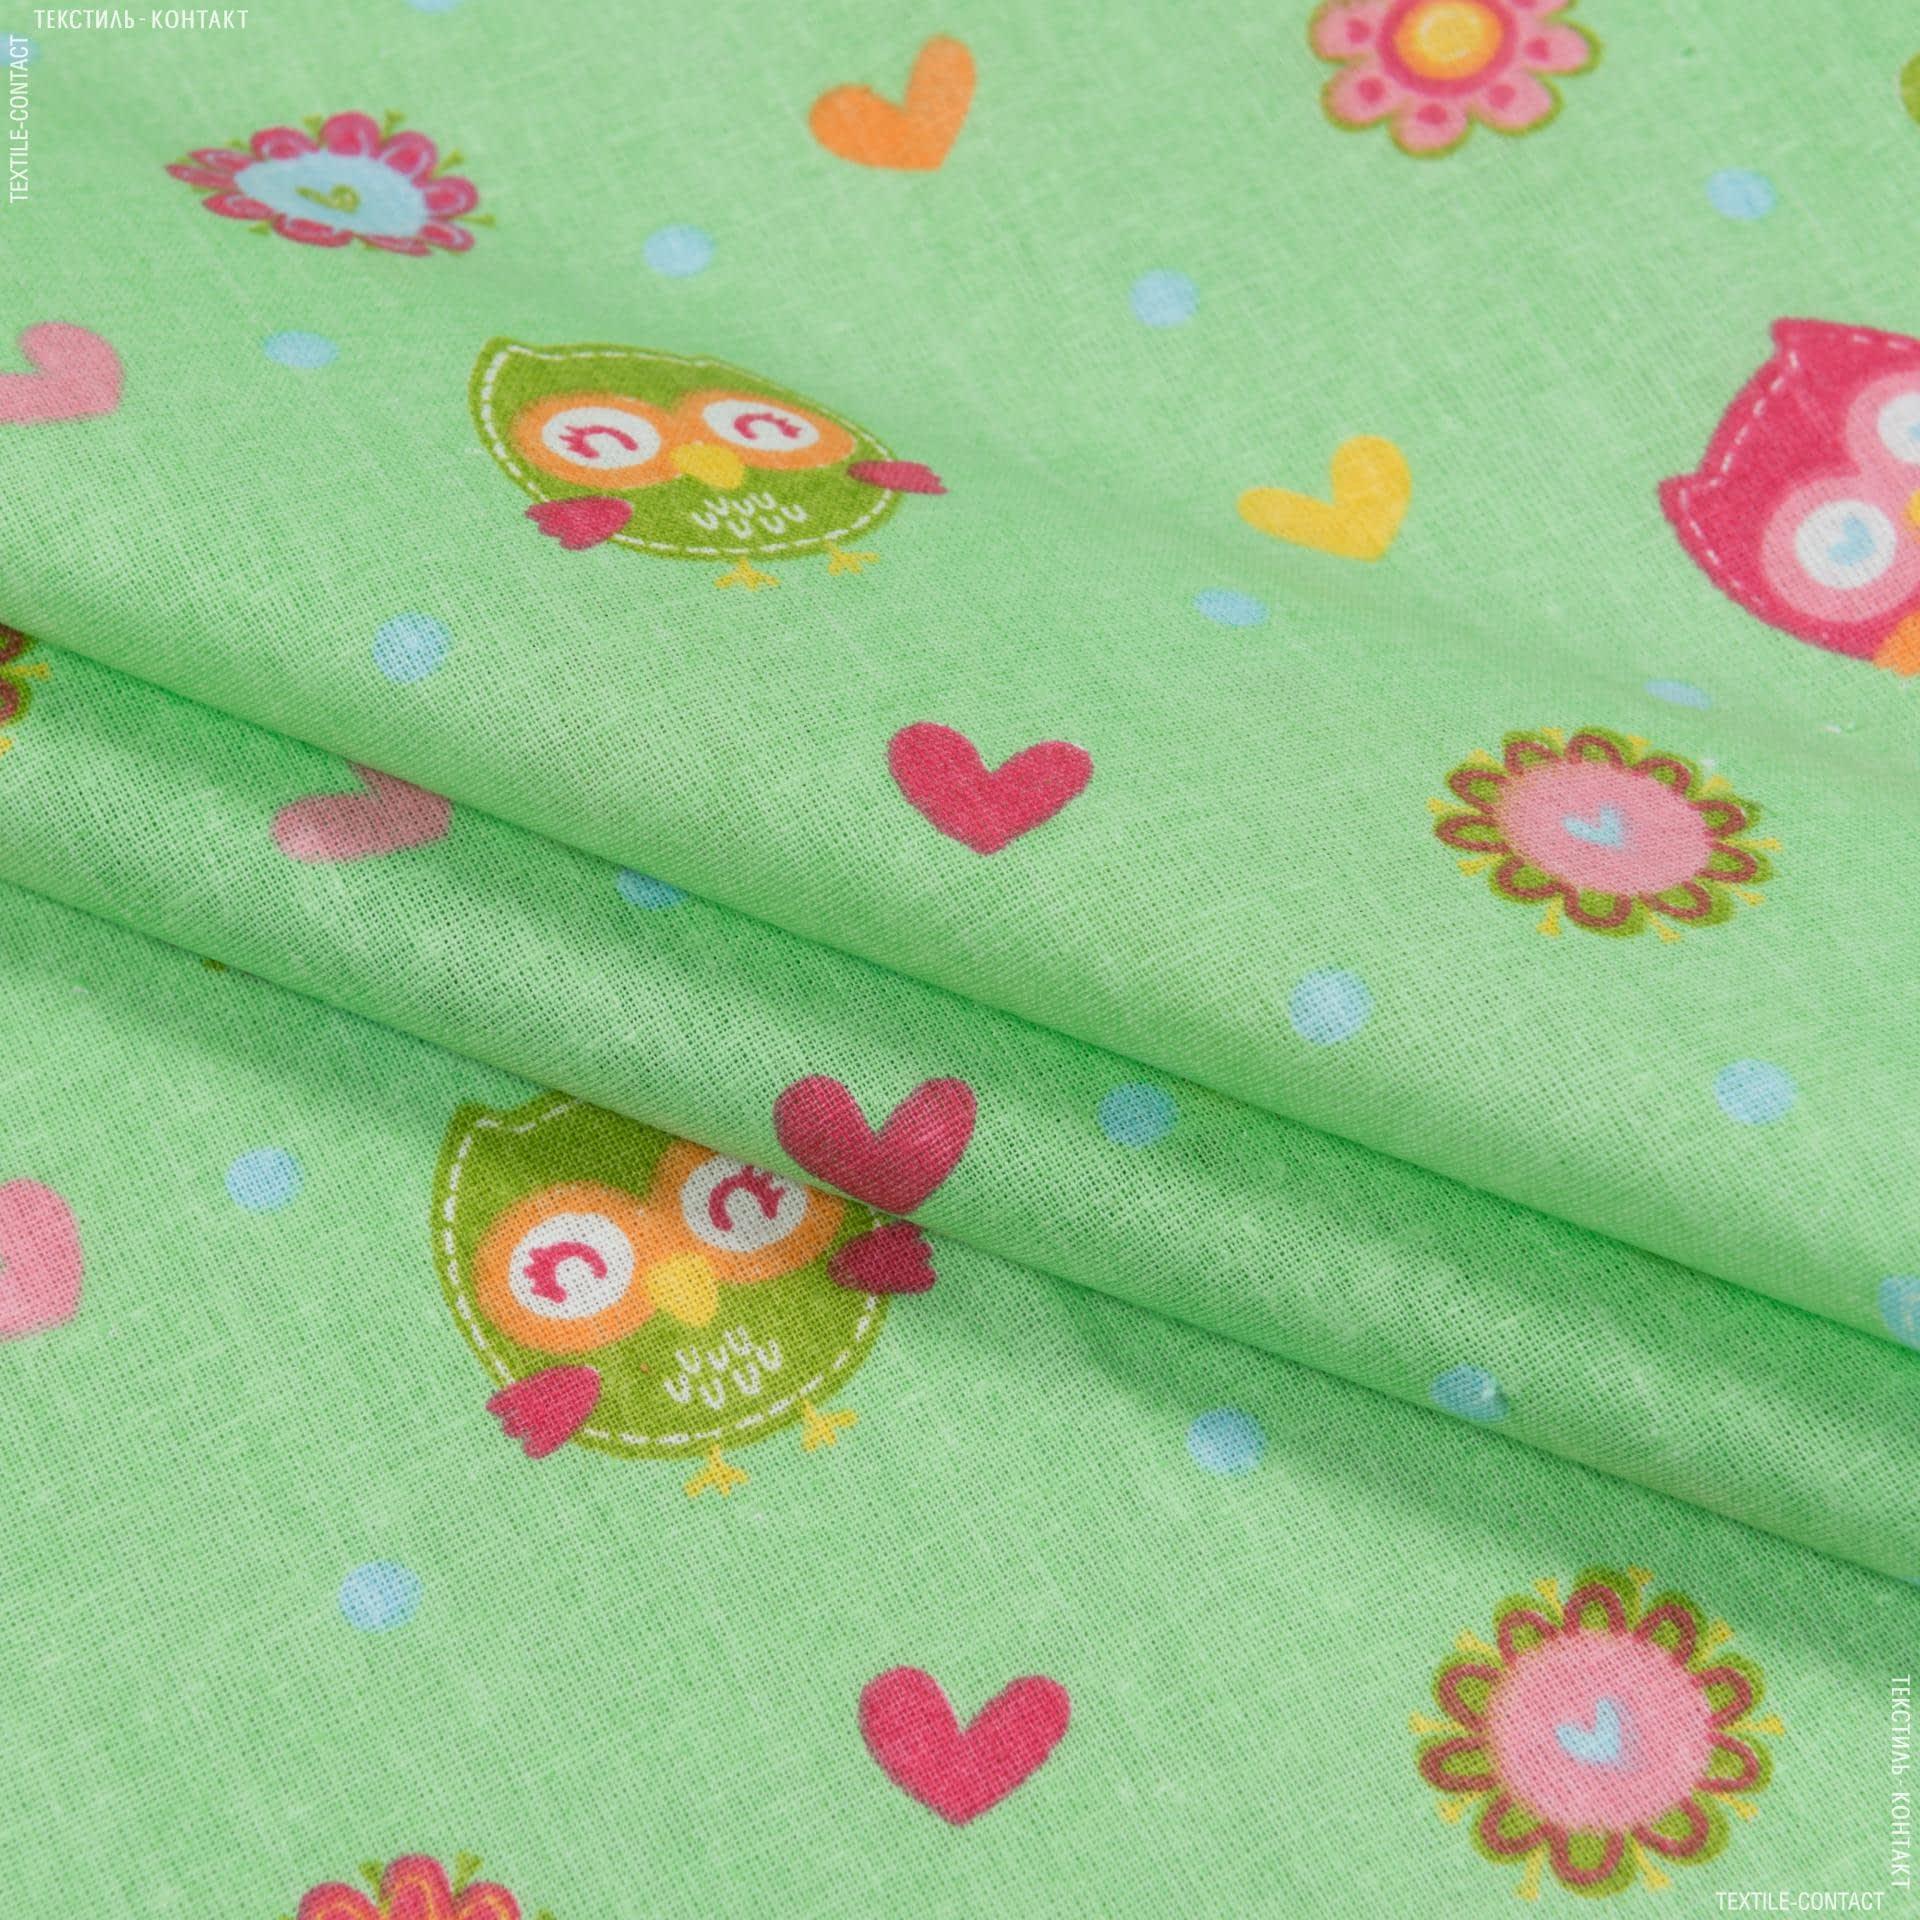 Ткани для детского постельного белья - Бязь набивная детская